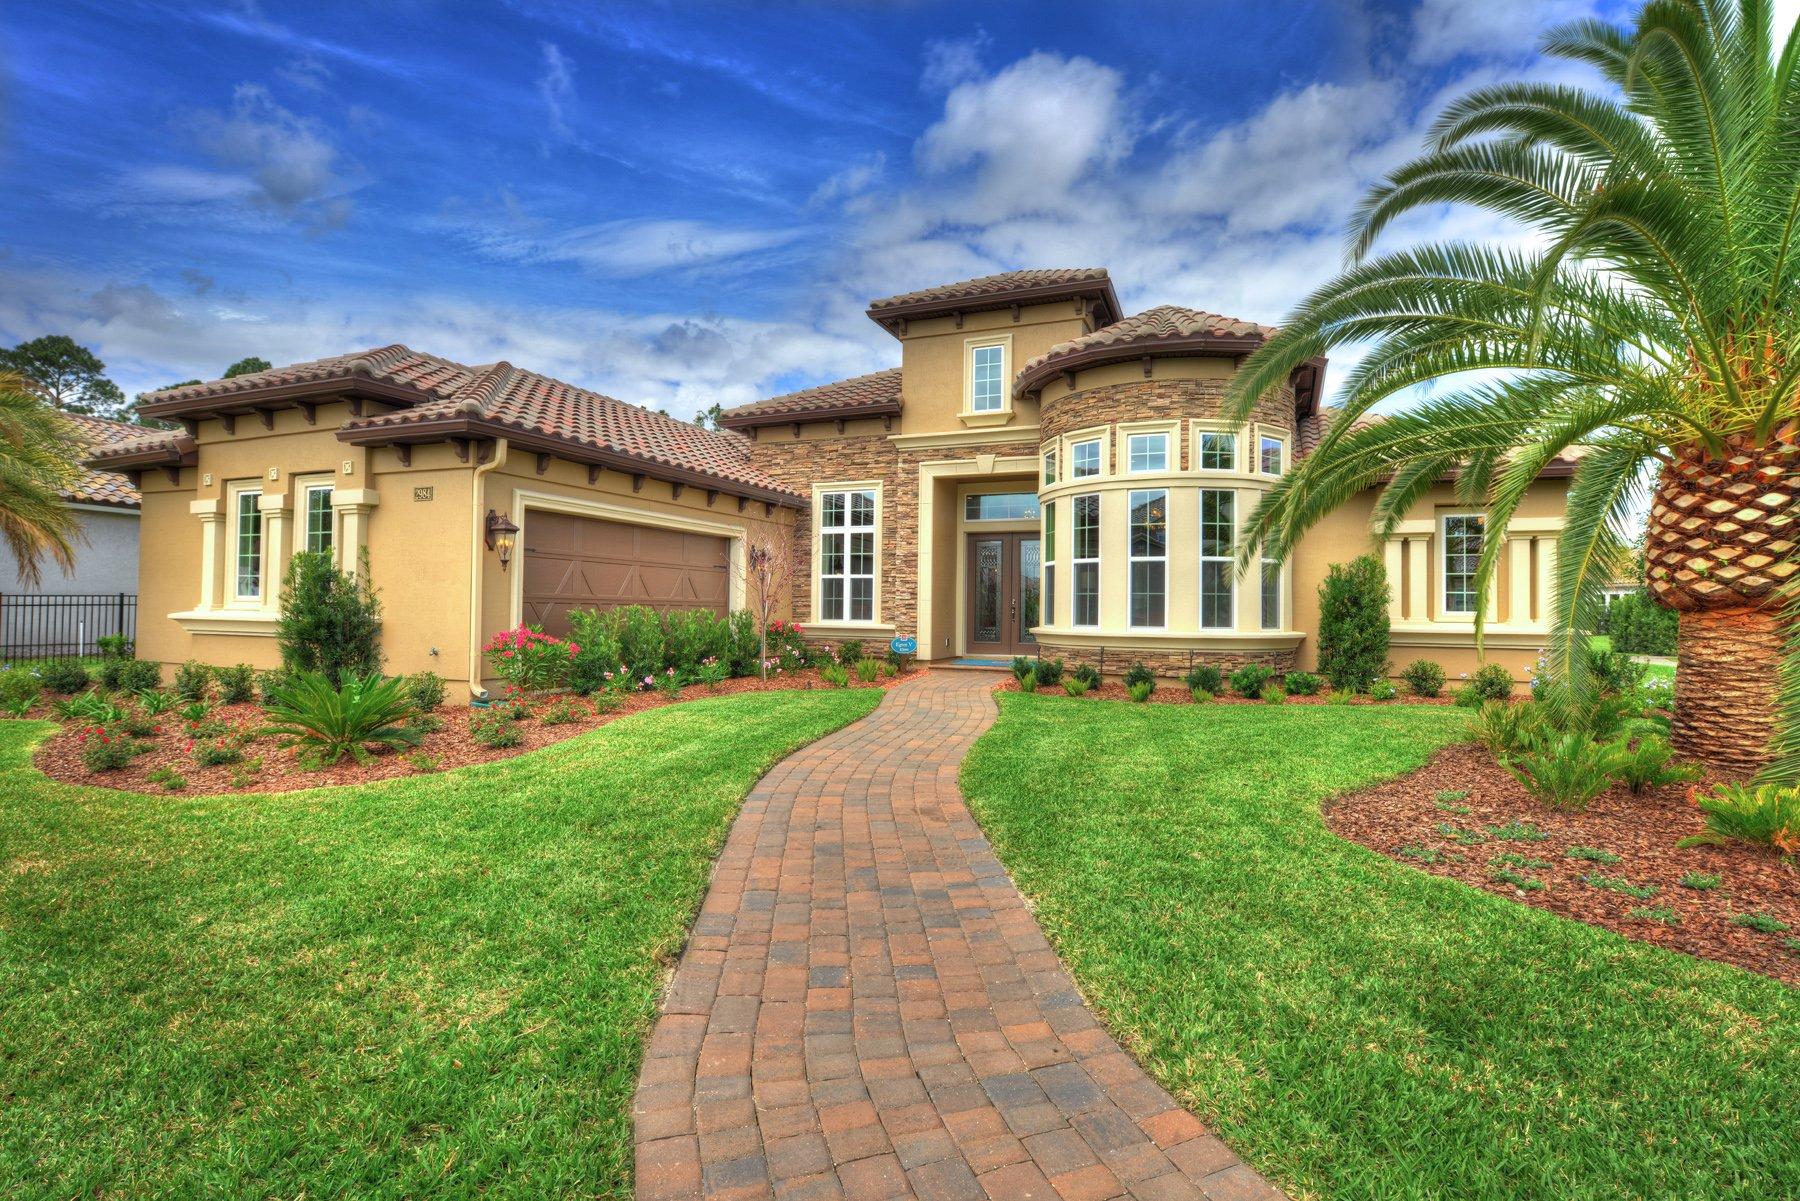 Jacksonville New Home munity